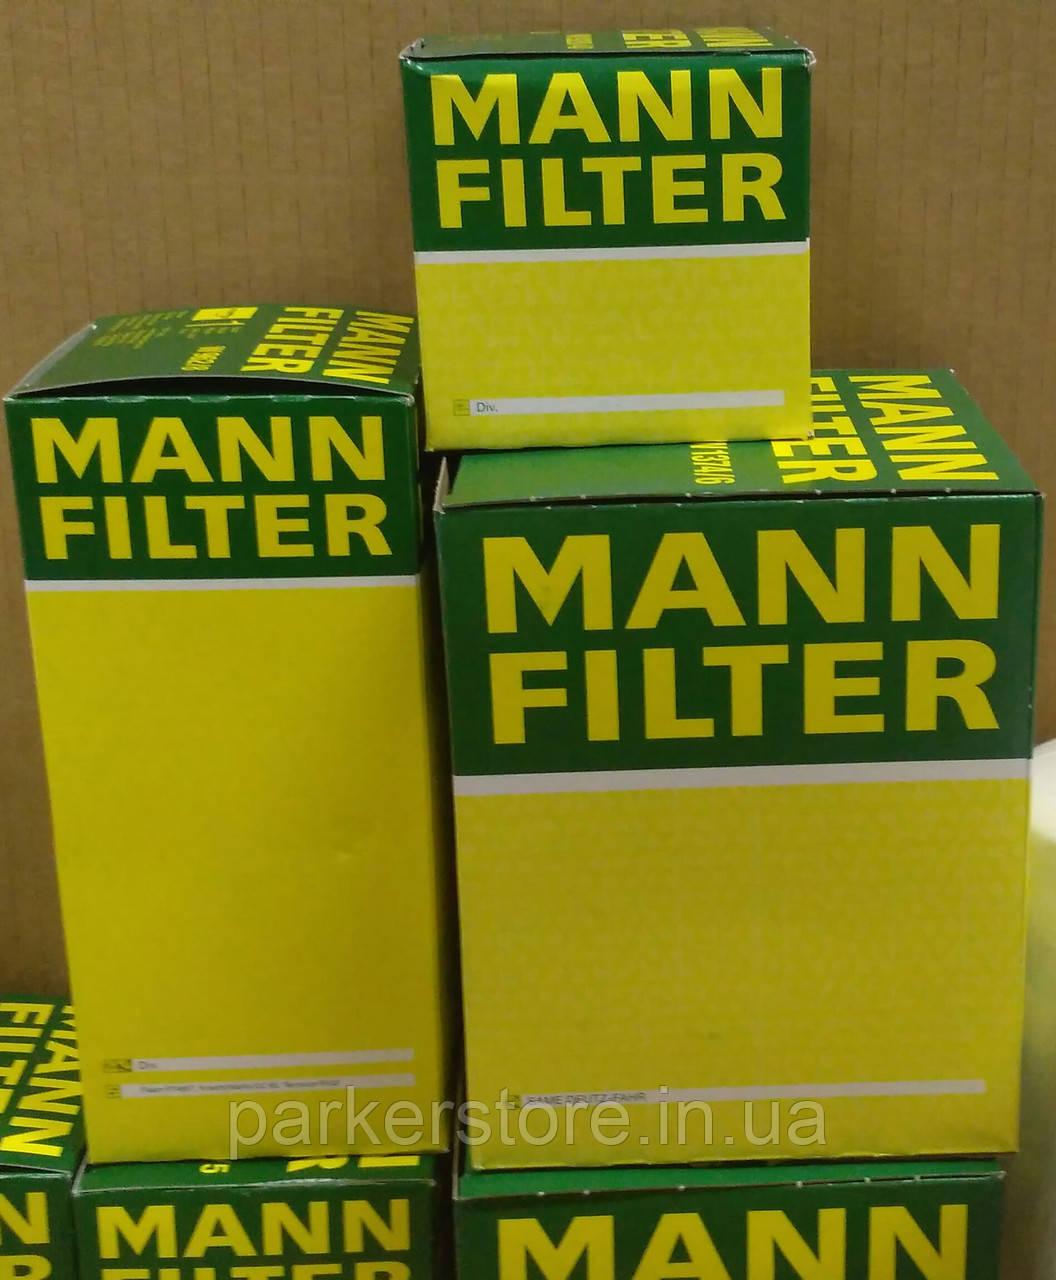 MANN FILTER / Повітряний фільтр / C 2716 / C2716